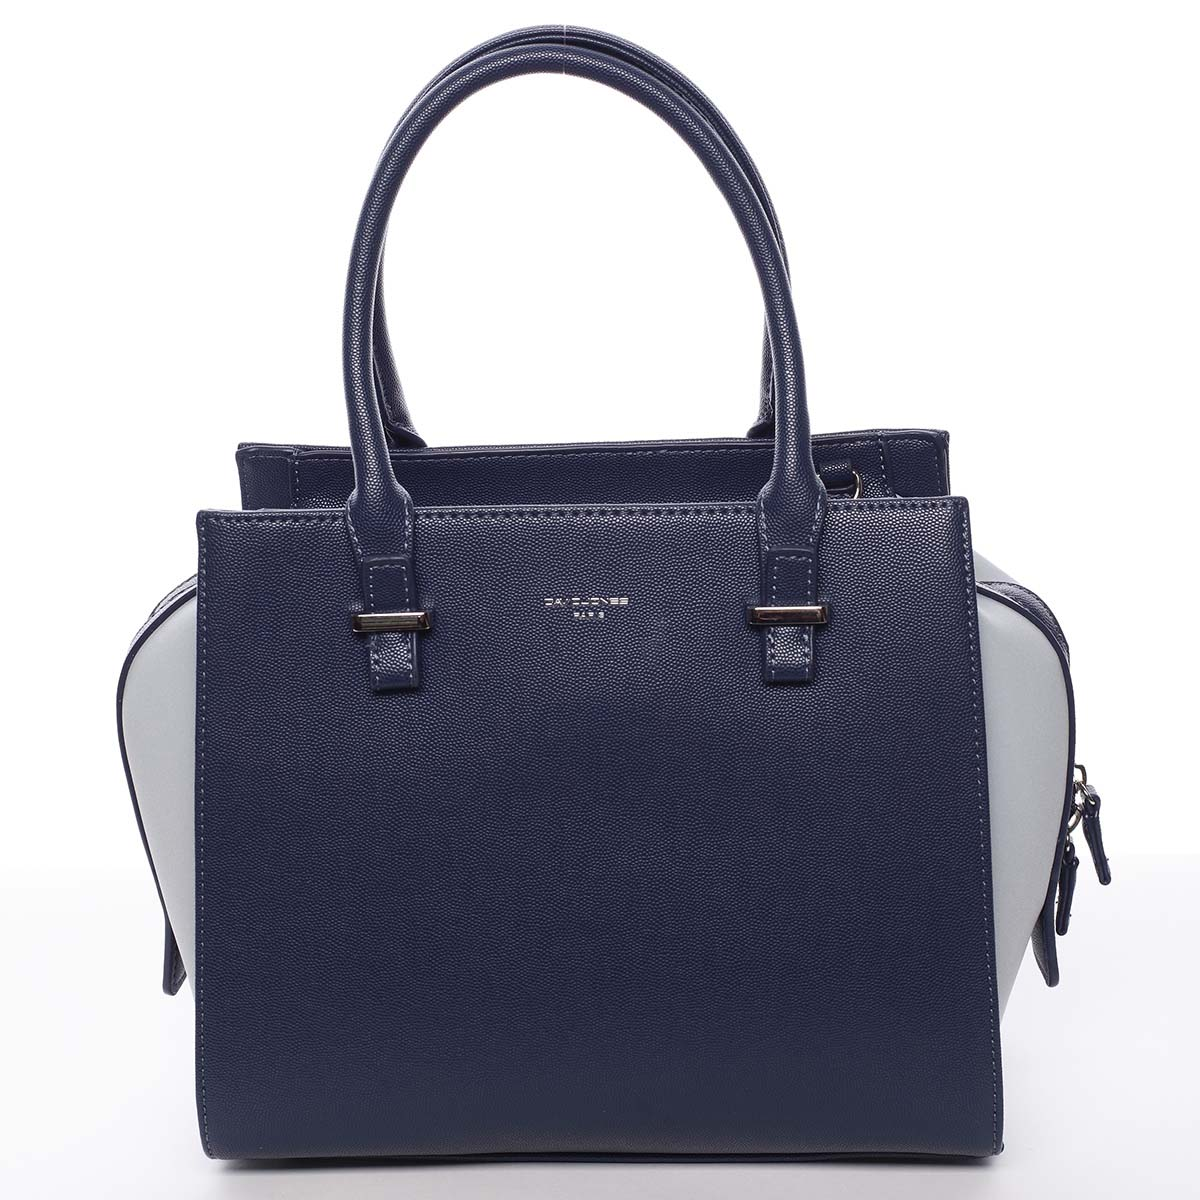 Luxusní módní modrá kabelka přes rameno - David Jones Ariana